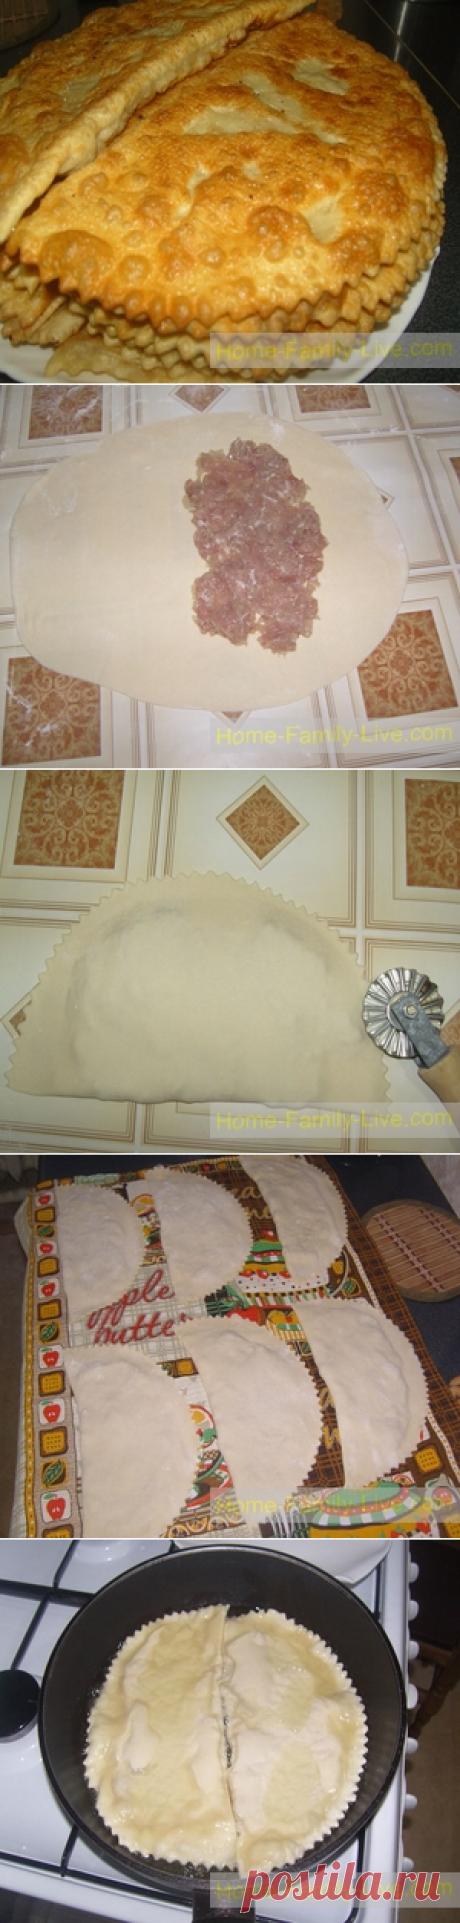 Чебуреки - пошаговый фоторецептКулинарные рецепты